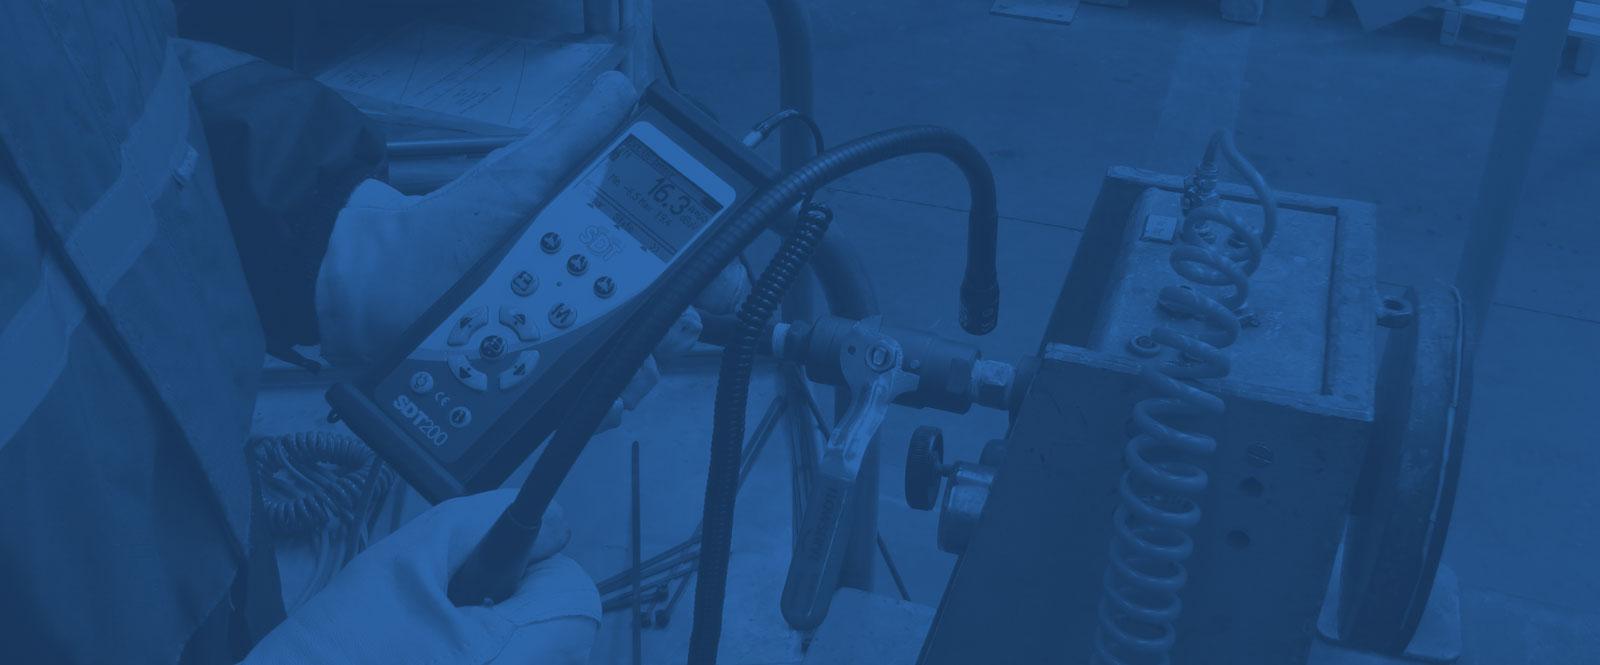 Druckluft Leckagensuche mit Ultraschall